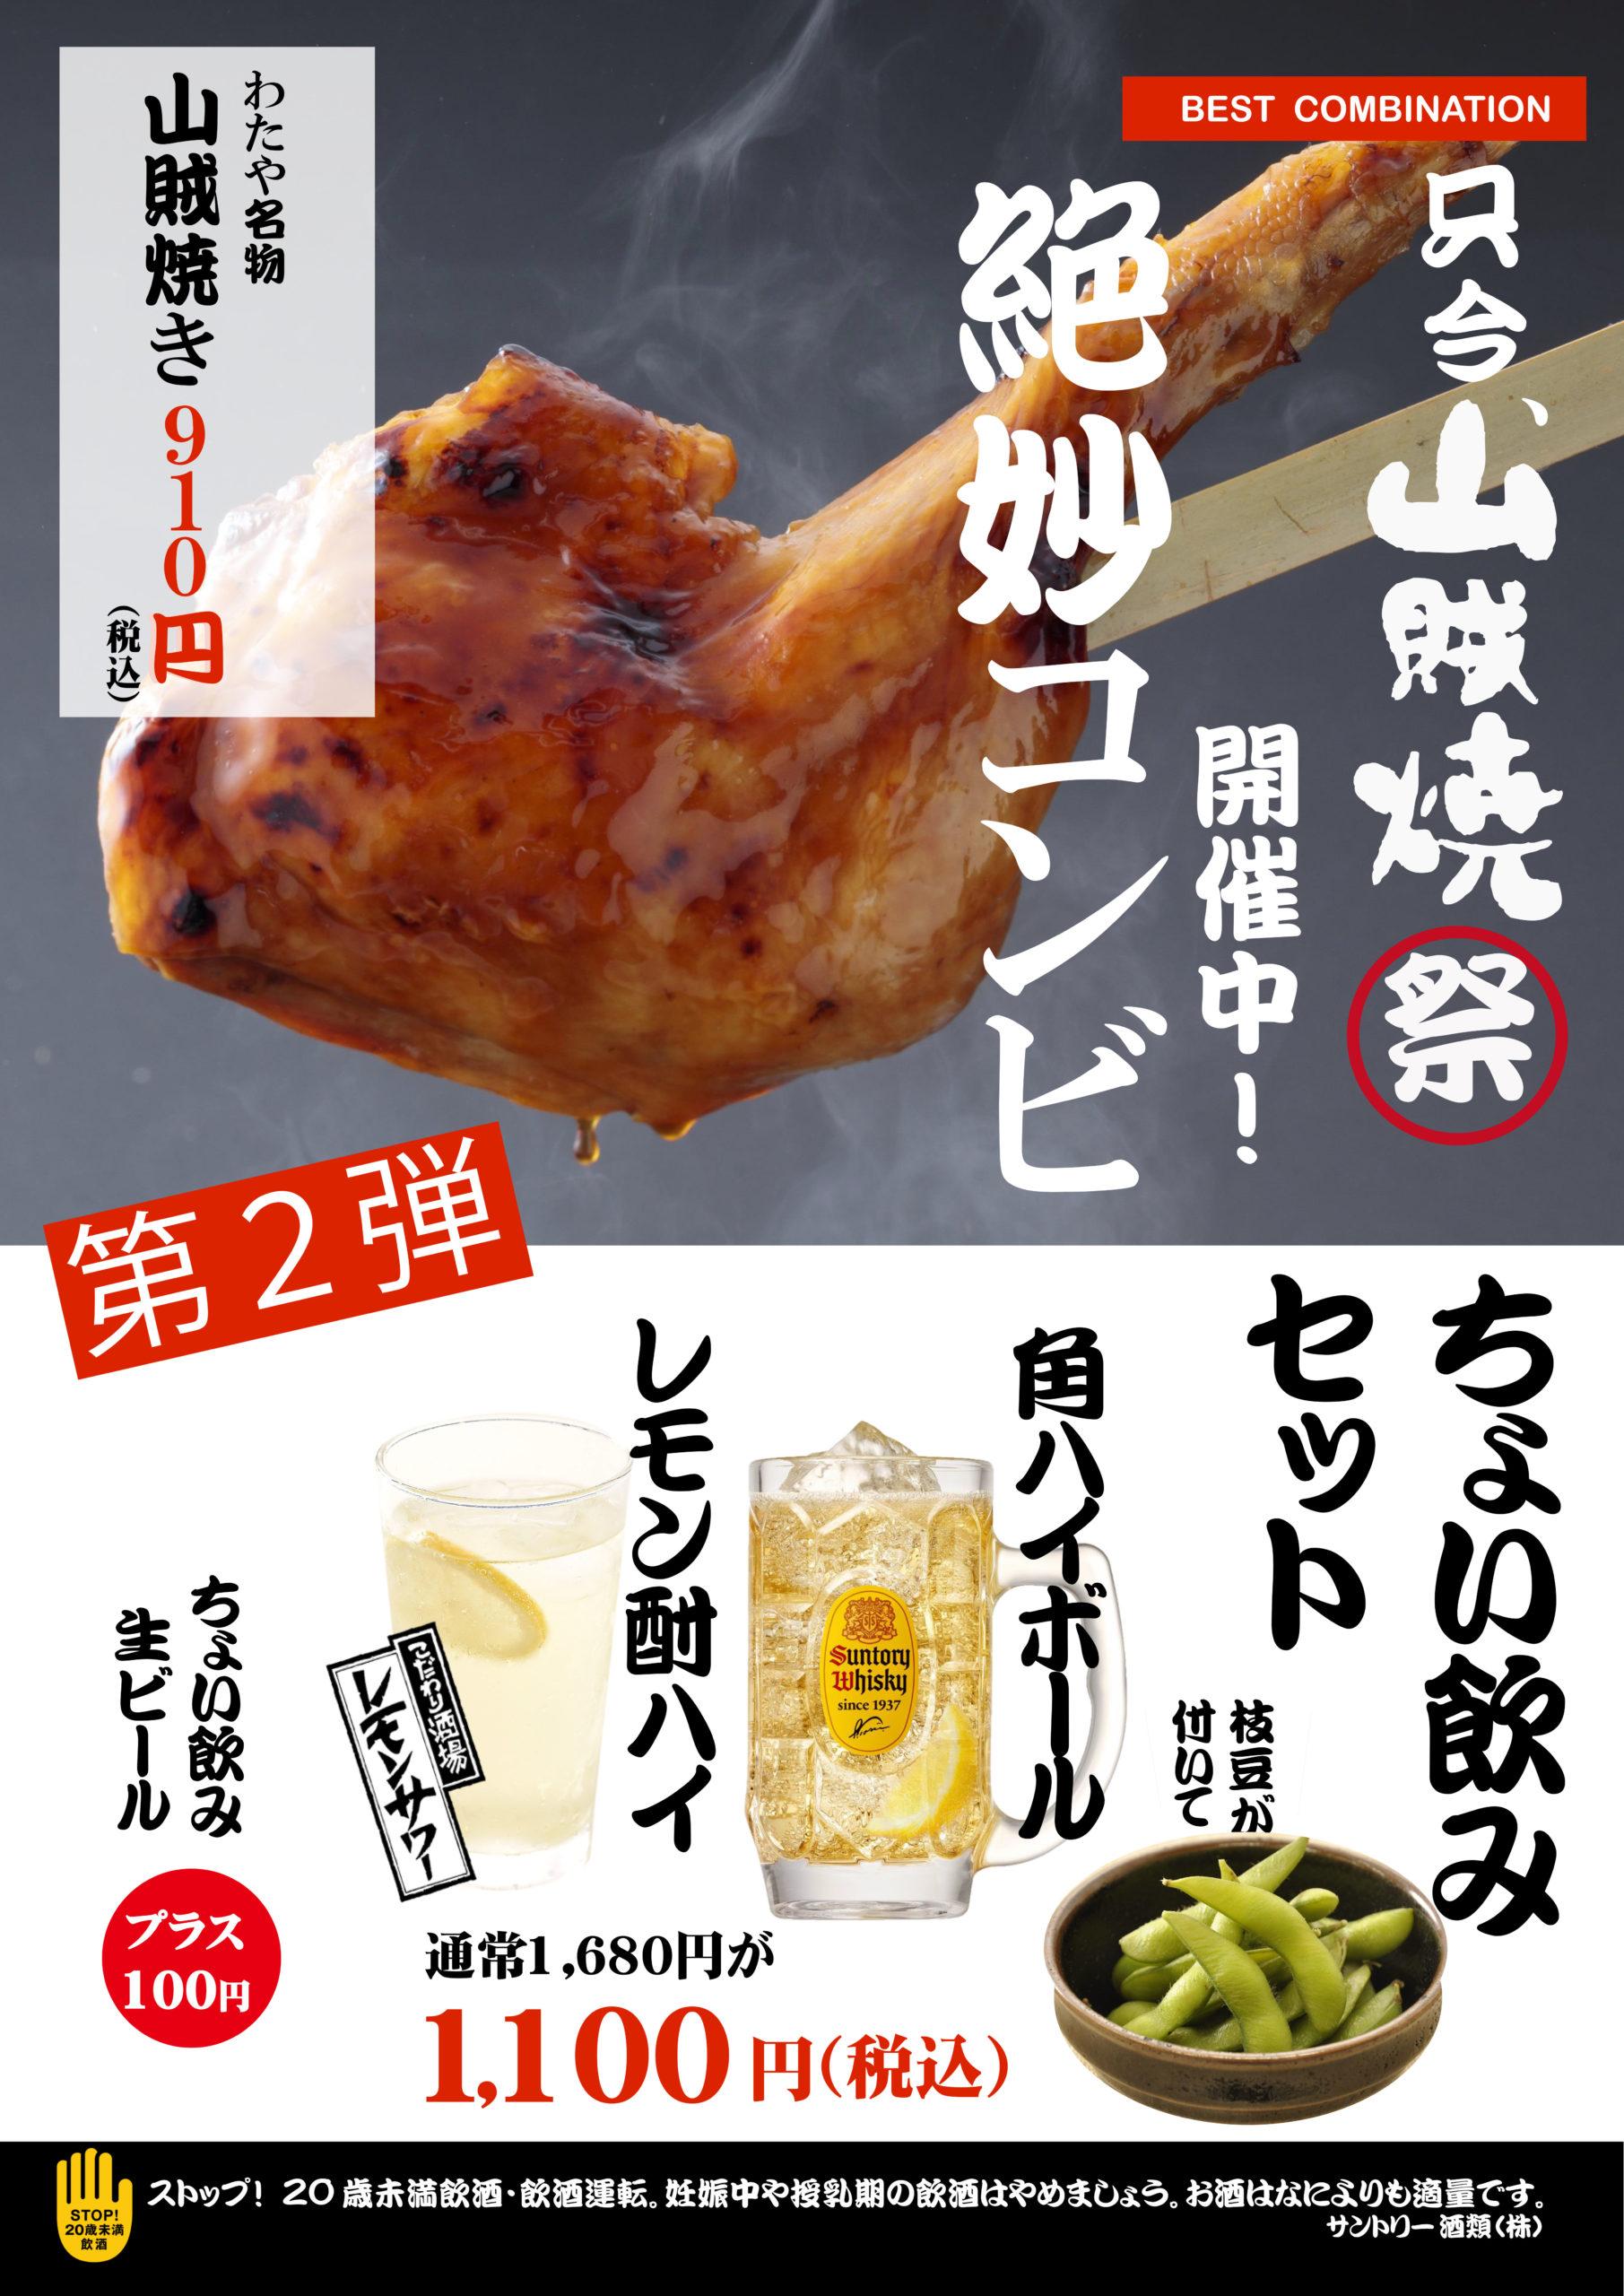 山賊焼【祭】第2弾ちょい飲みセット画像